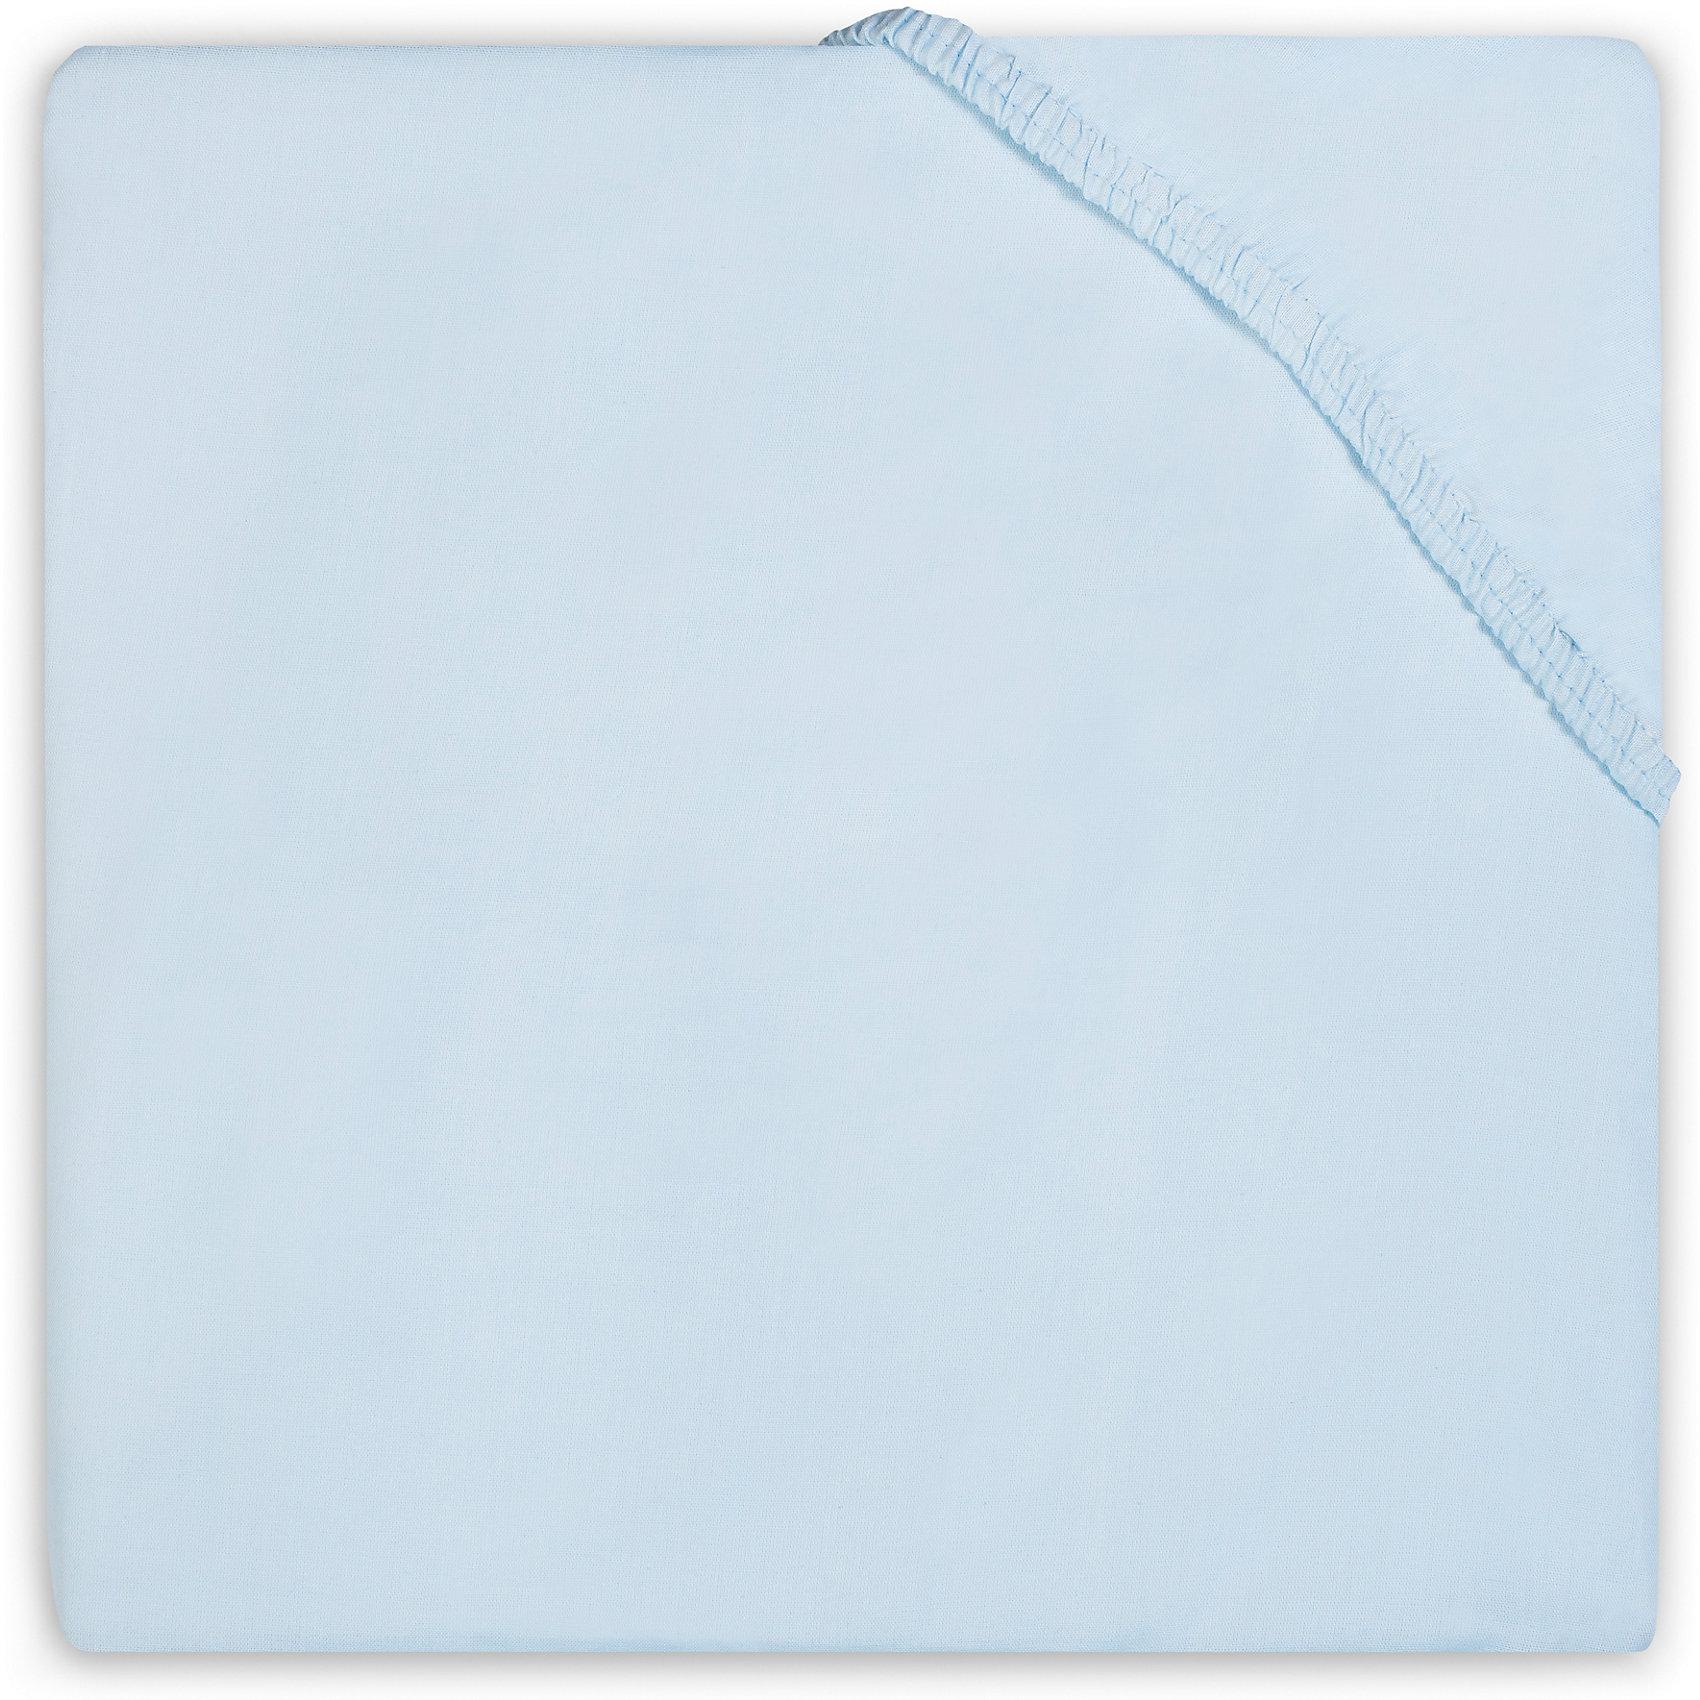 Простыня на резинке 70х140 см, Jollein, Light blueПостельное бельё<br>Характеристики:<br><br>• Вид детского текстиля: простыня на резинке<br>• Пол: универсальный<br>• Цвет: светло голубой<br>• Тематика рисунка: без рисунка<br>• Материал: 82% хлопок (джерси), 18% эластан<br>• Размер: 70*140 см<br>• Вес: 300 г<br>• Особенности ухода: машинная или ручная стирка при температуре не более 60 градусов<br><br>Простыня на резинке 70х140 см, Jollein, Light blue от торговой марки Жолляйн, которая является признанным лидером среди аналогичных брендов, выпускающих детское постельное белье и текстиль для новорожденных. Продукция этого торгового бренда отличается высоким качеством и дизайнерским стилем. <br><br>Простыня выполнена из джерси, который обладает не только высокими гигиеническими и гигроскопическими свойствами, но и придает изделию эластичность и повышенную мягкость. Легко стирается и быстро высыхает. Простыня на резинке плотно и хорошо садится на матрасик, что препятствует ее сбиванию и образованию складок, даже если ребенок спит неспокойно. <br><br>Простынь выполнена в однотонном цвете, поэтому она подойдет к любому комплекту постельного белья. Простыня на резинке 70х140 см, Jollein, Light blue – это стиль и качество для сладких сновидений вашего малыша!<br><br>Простыню на резинке 70х140 см, Jollein, Light blue можно купить в нашем интернет-магазине.<br><br>Ширина мм: 200<br>Глубина мм: 230<br>Высота мм: 30<br>Вес г: 285<br>Возраст от месяцев: 0<br>Возраст до месяцев: 36<br>Пол: Унисекс<br>Возраст: Детский<br>SKU: 5367129